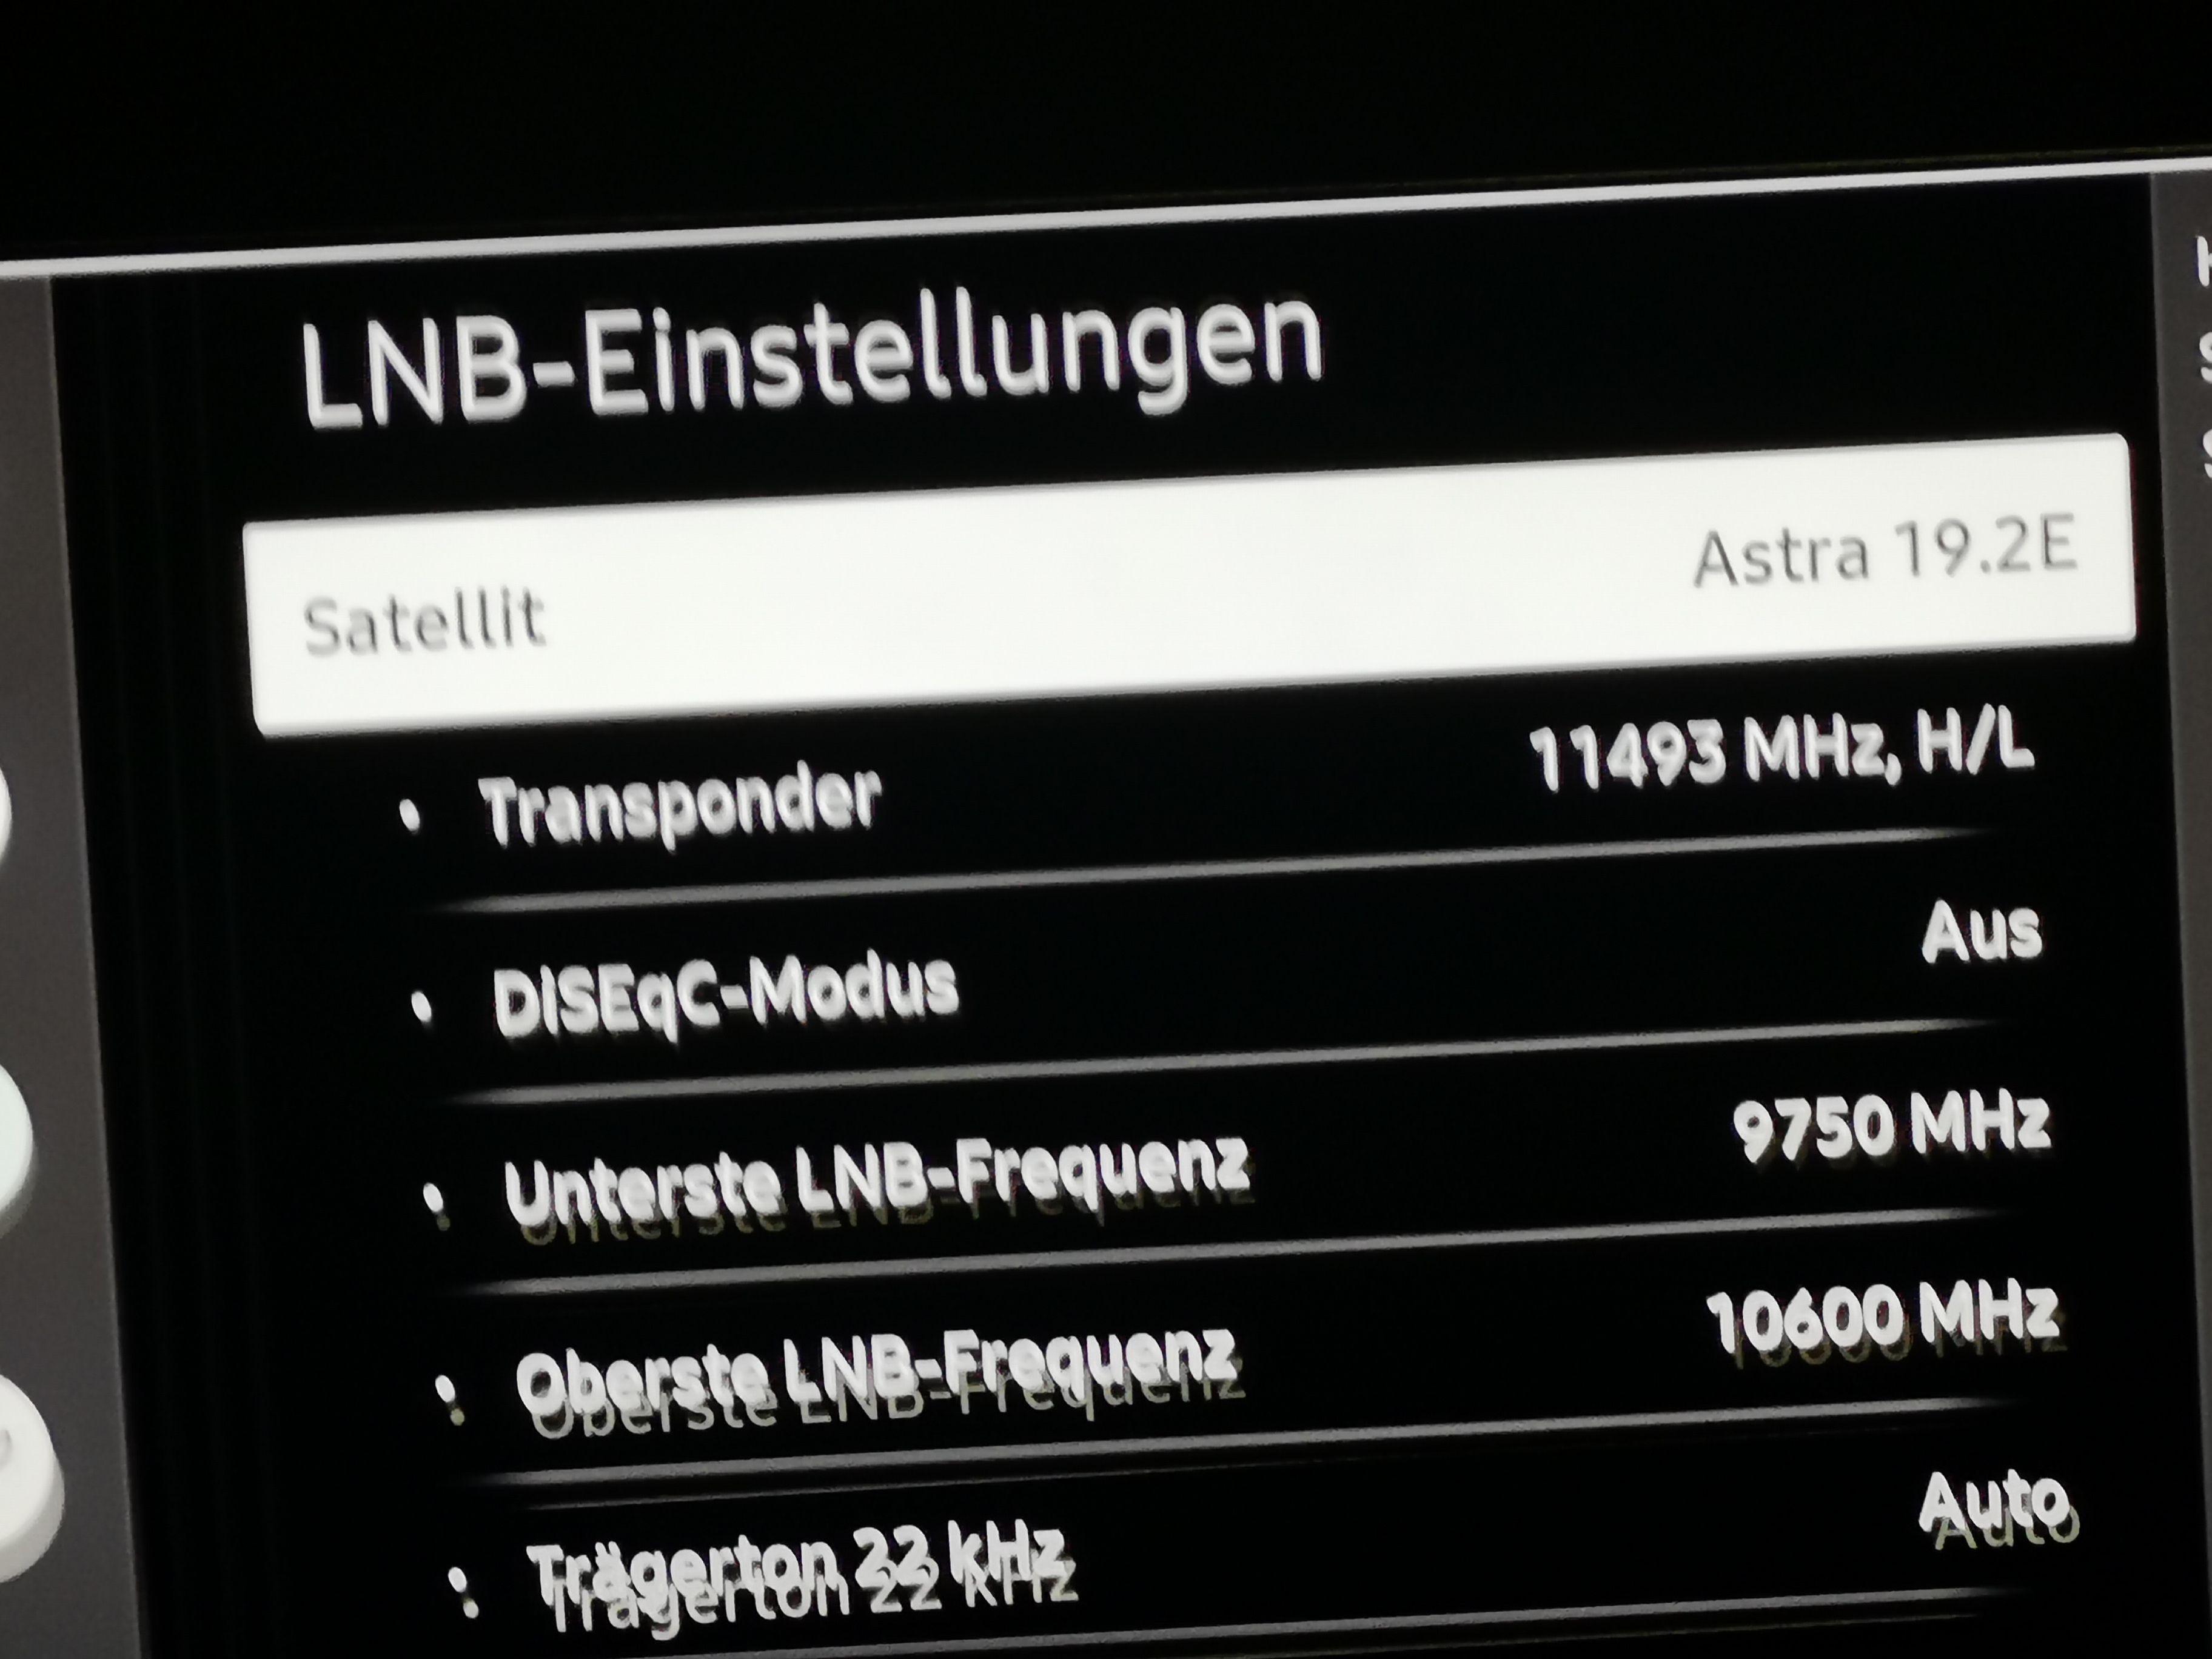 Rtl über Satellit